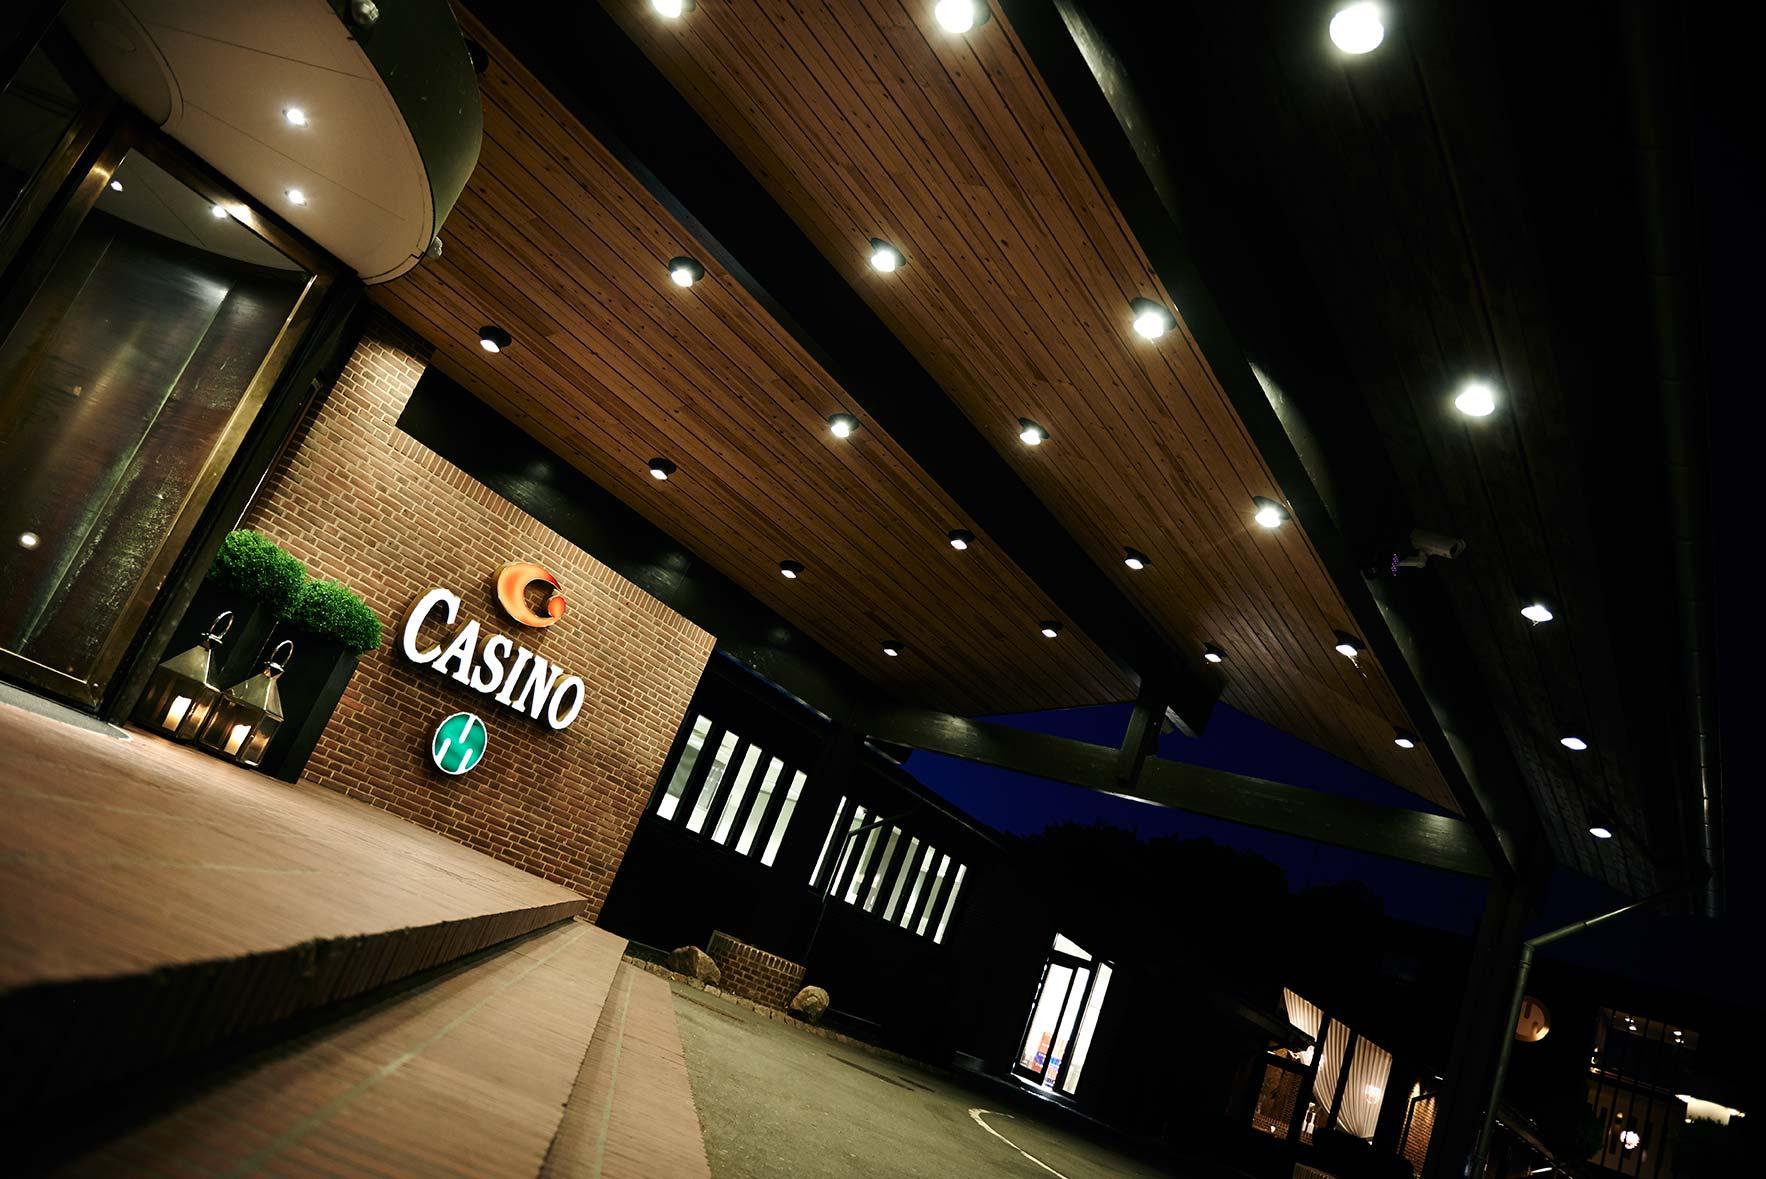 Casinomunkebjerg1.jpg